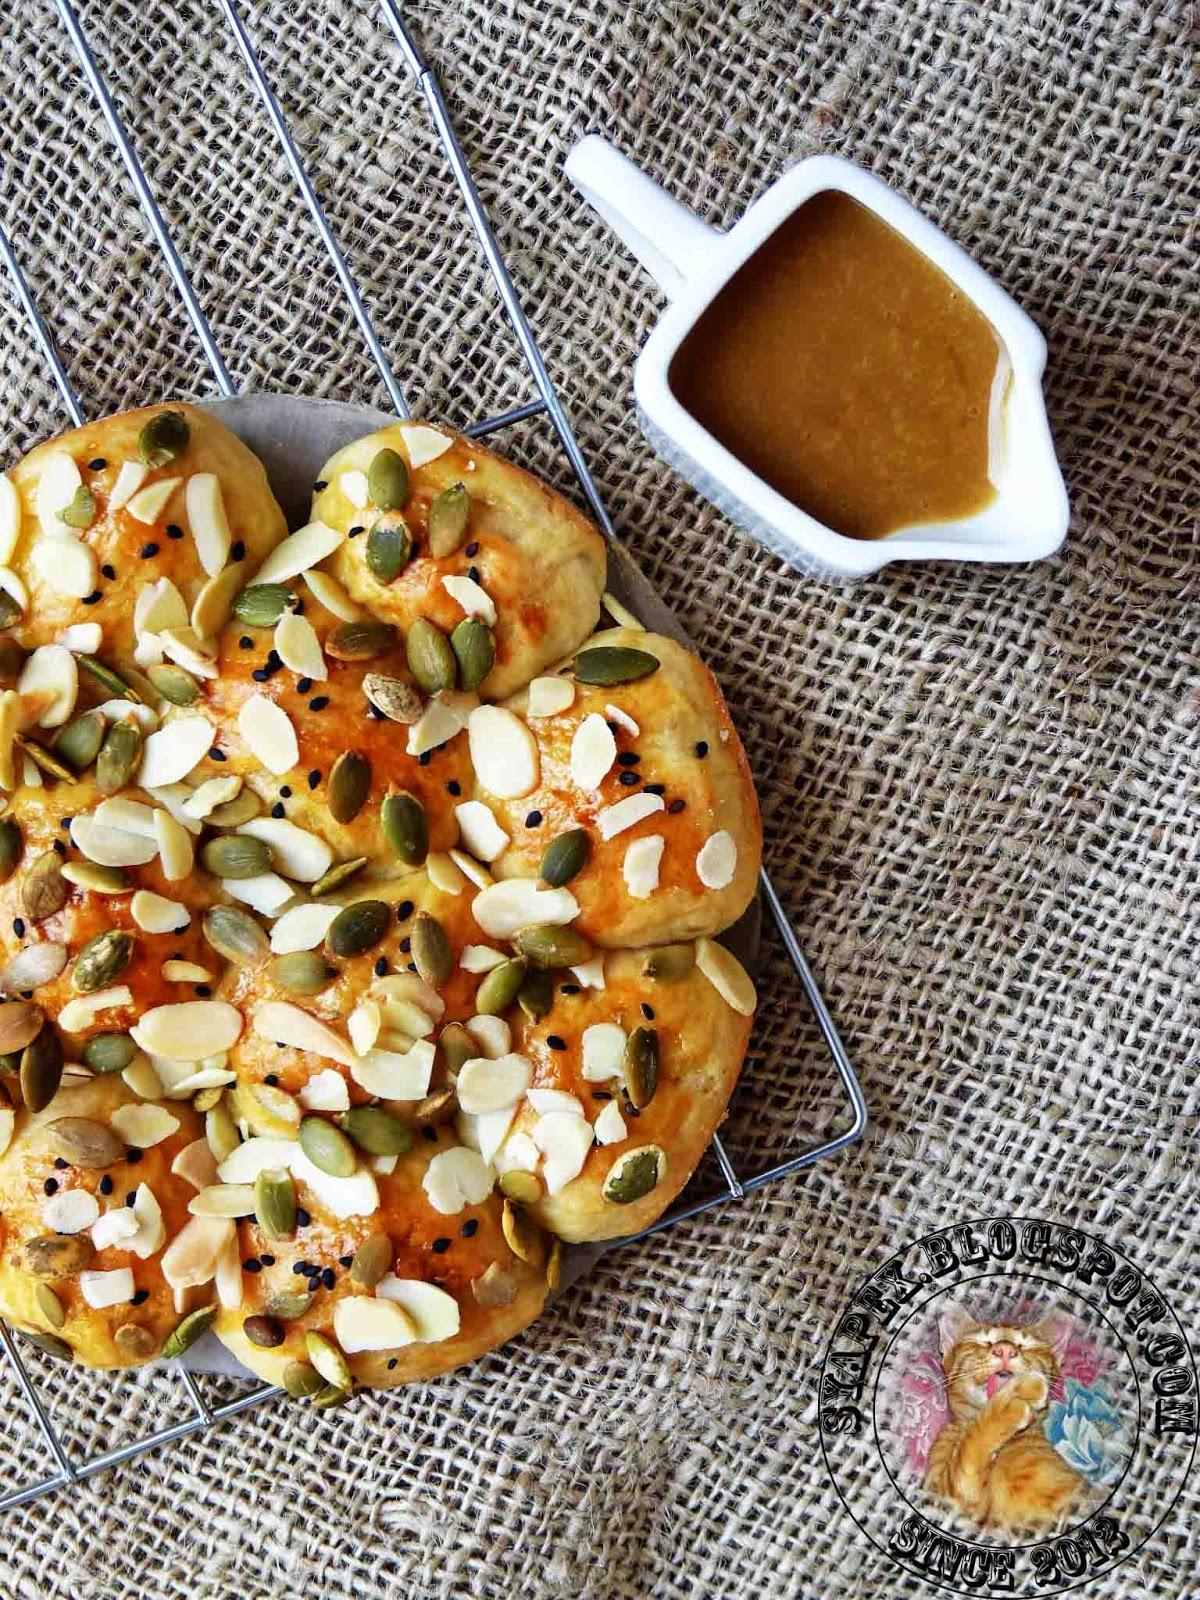 syapex kitchen: Roti Sarang Lebah